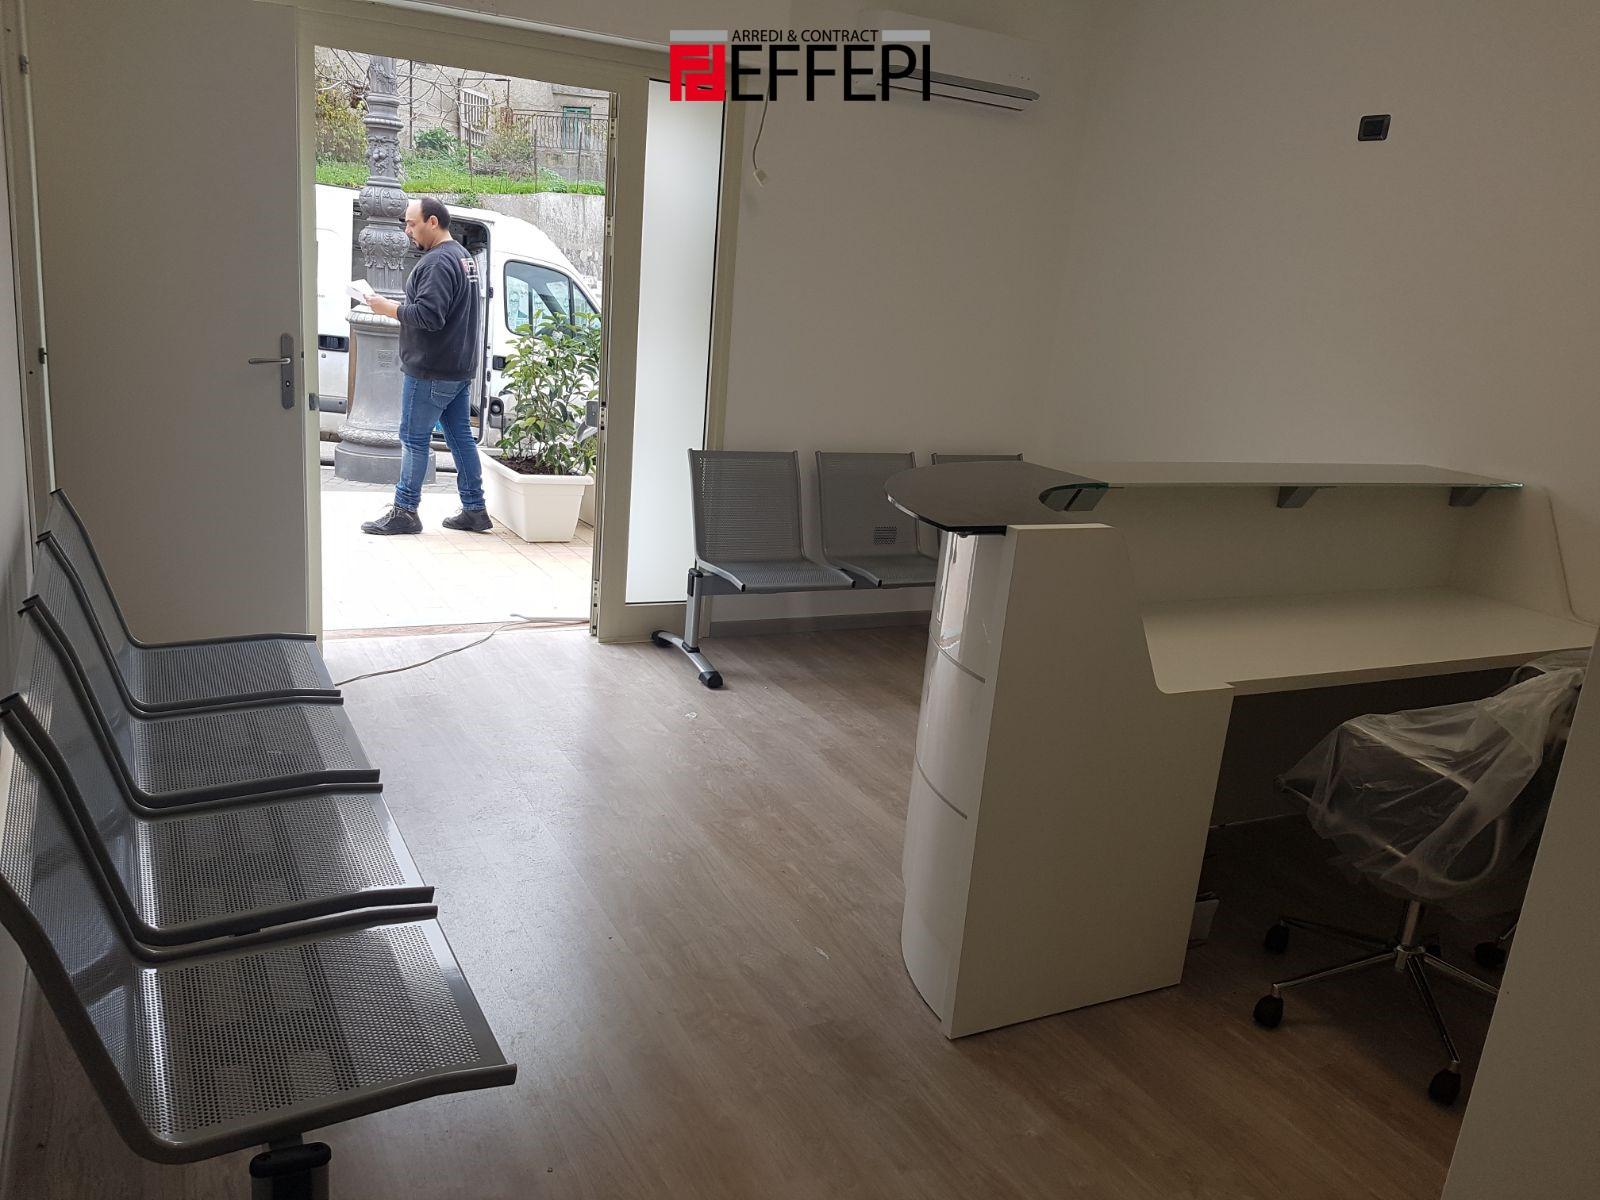 Analisi Settore Arredamento 2017 fornitura arredi per laboratorio analisi - effepi arredi